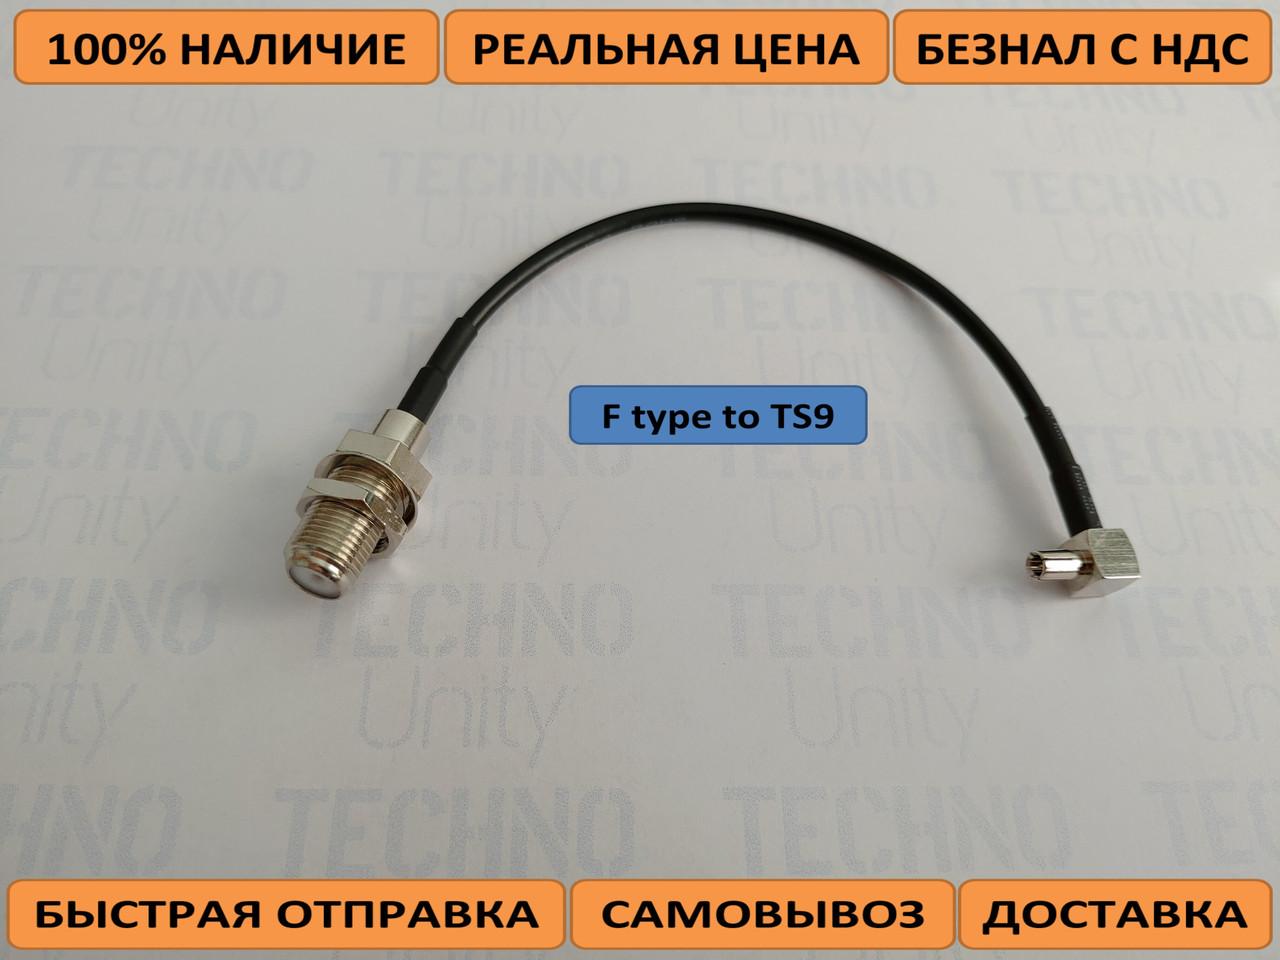 Антенный переходник (pigtail, пигтейл) TS9 to F type (для Huawei e8372) для подключения внешней антенны